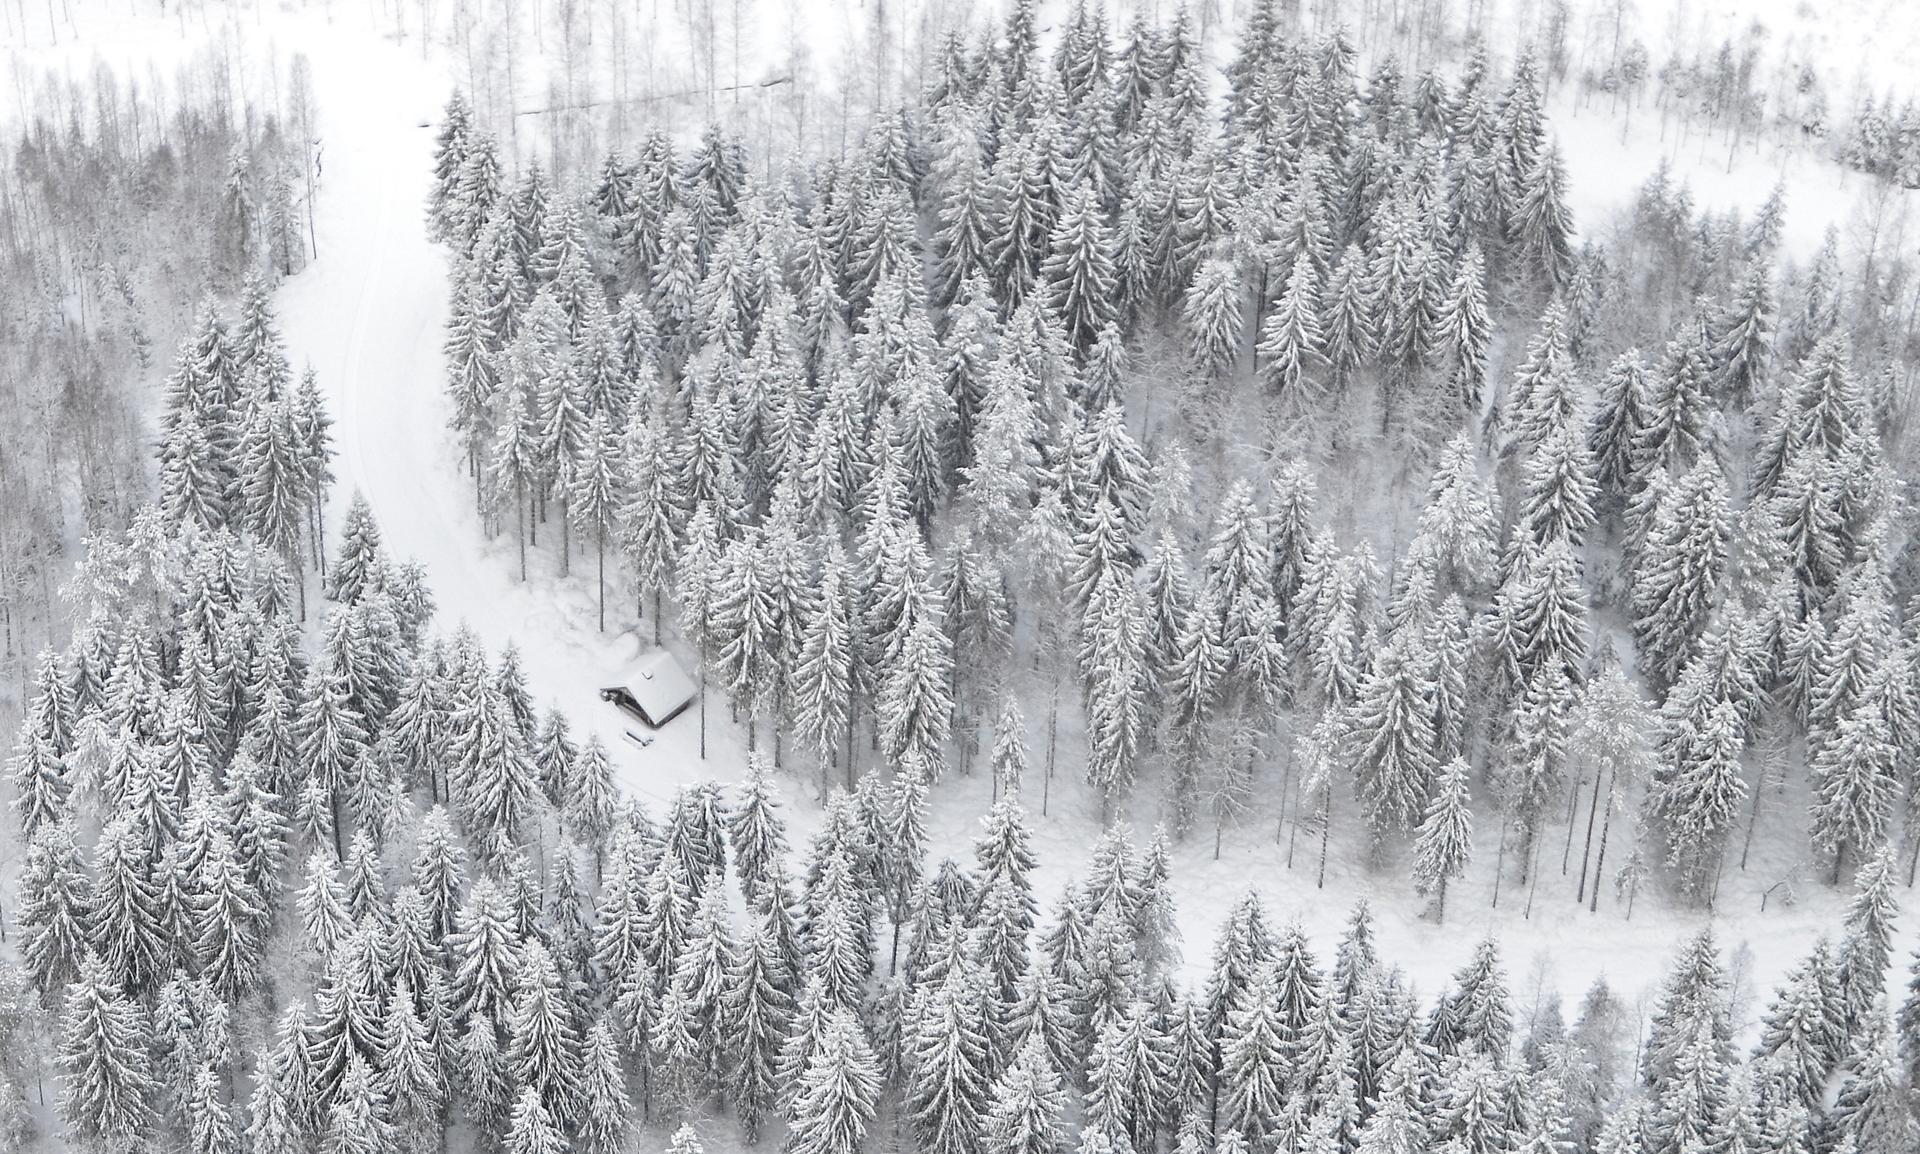 Koivistonkylällä Heikkilän laavu hienossa talvimaisemassa. 26.12-17